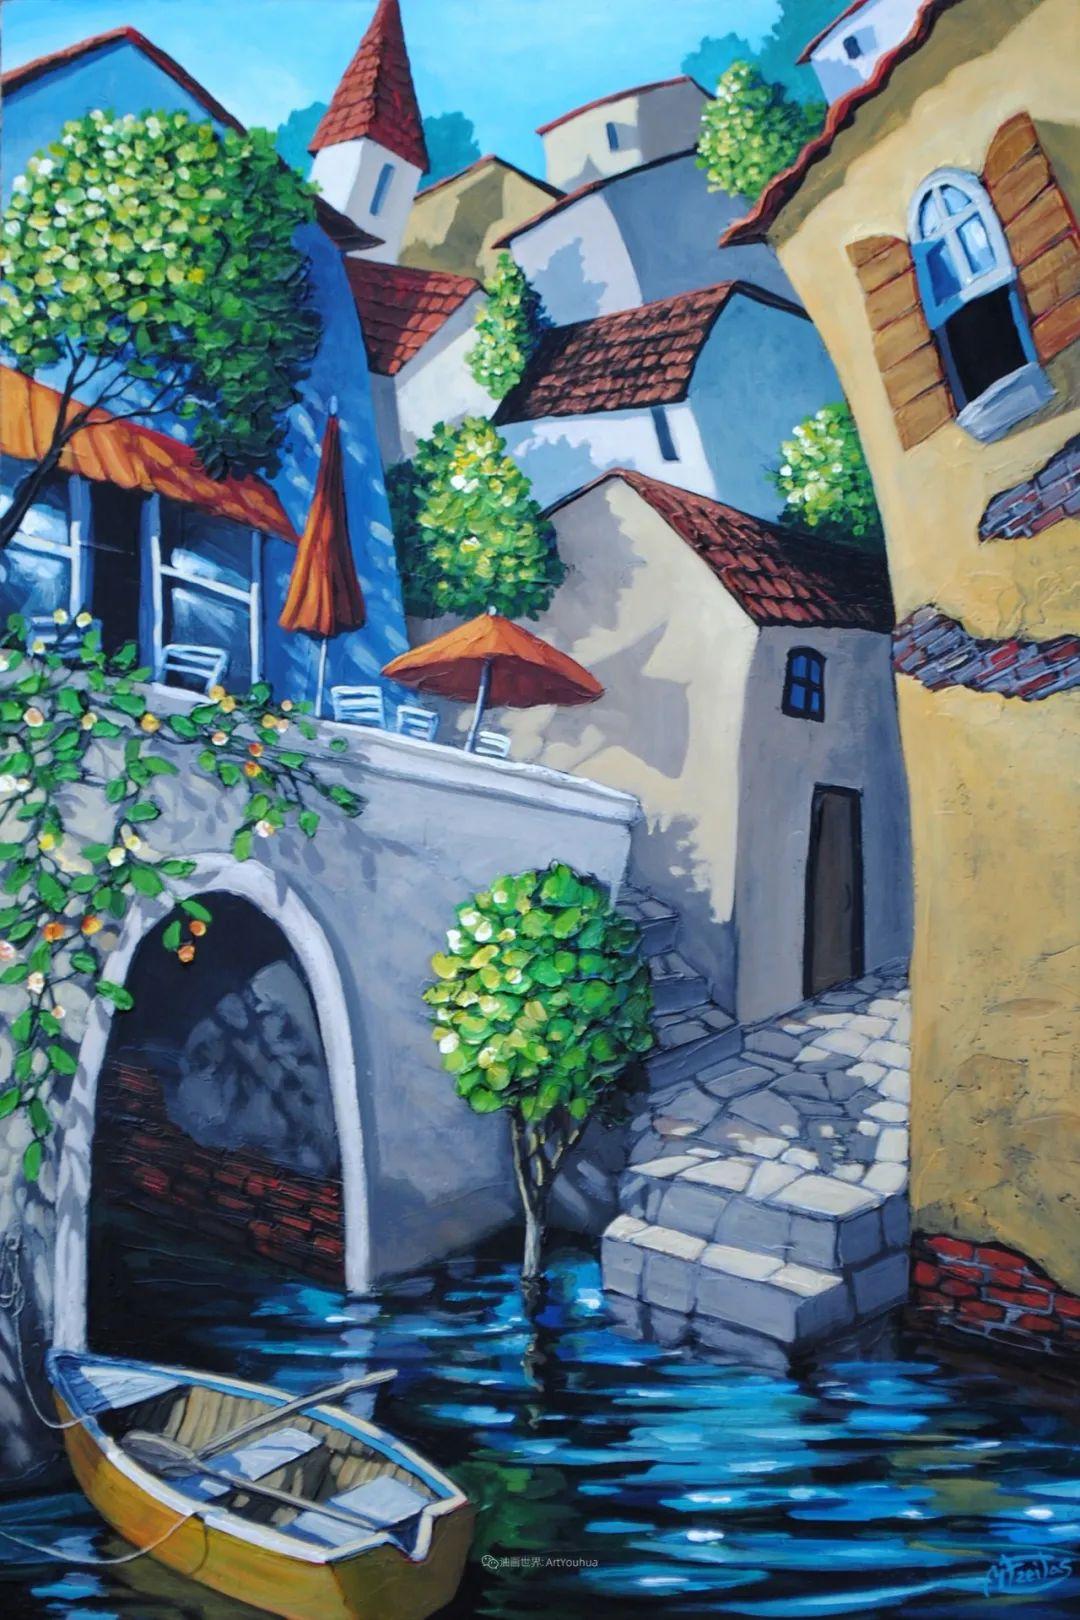 独特的风格,鲜艳的色彩!葡萄牙画家米格尔·弗雷塔斯插图19